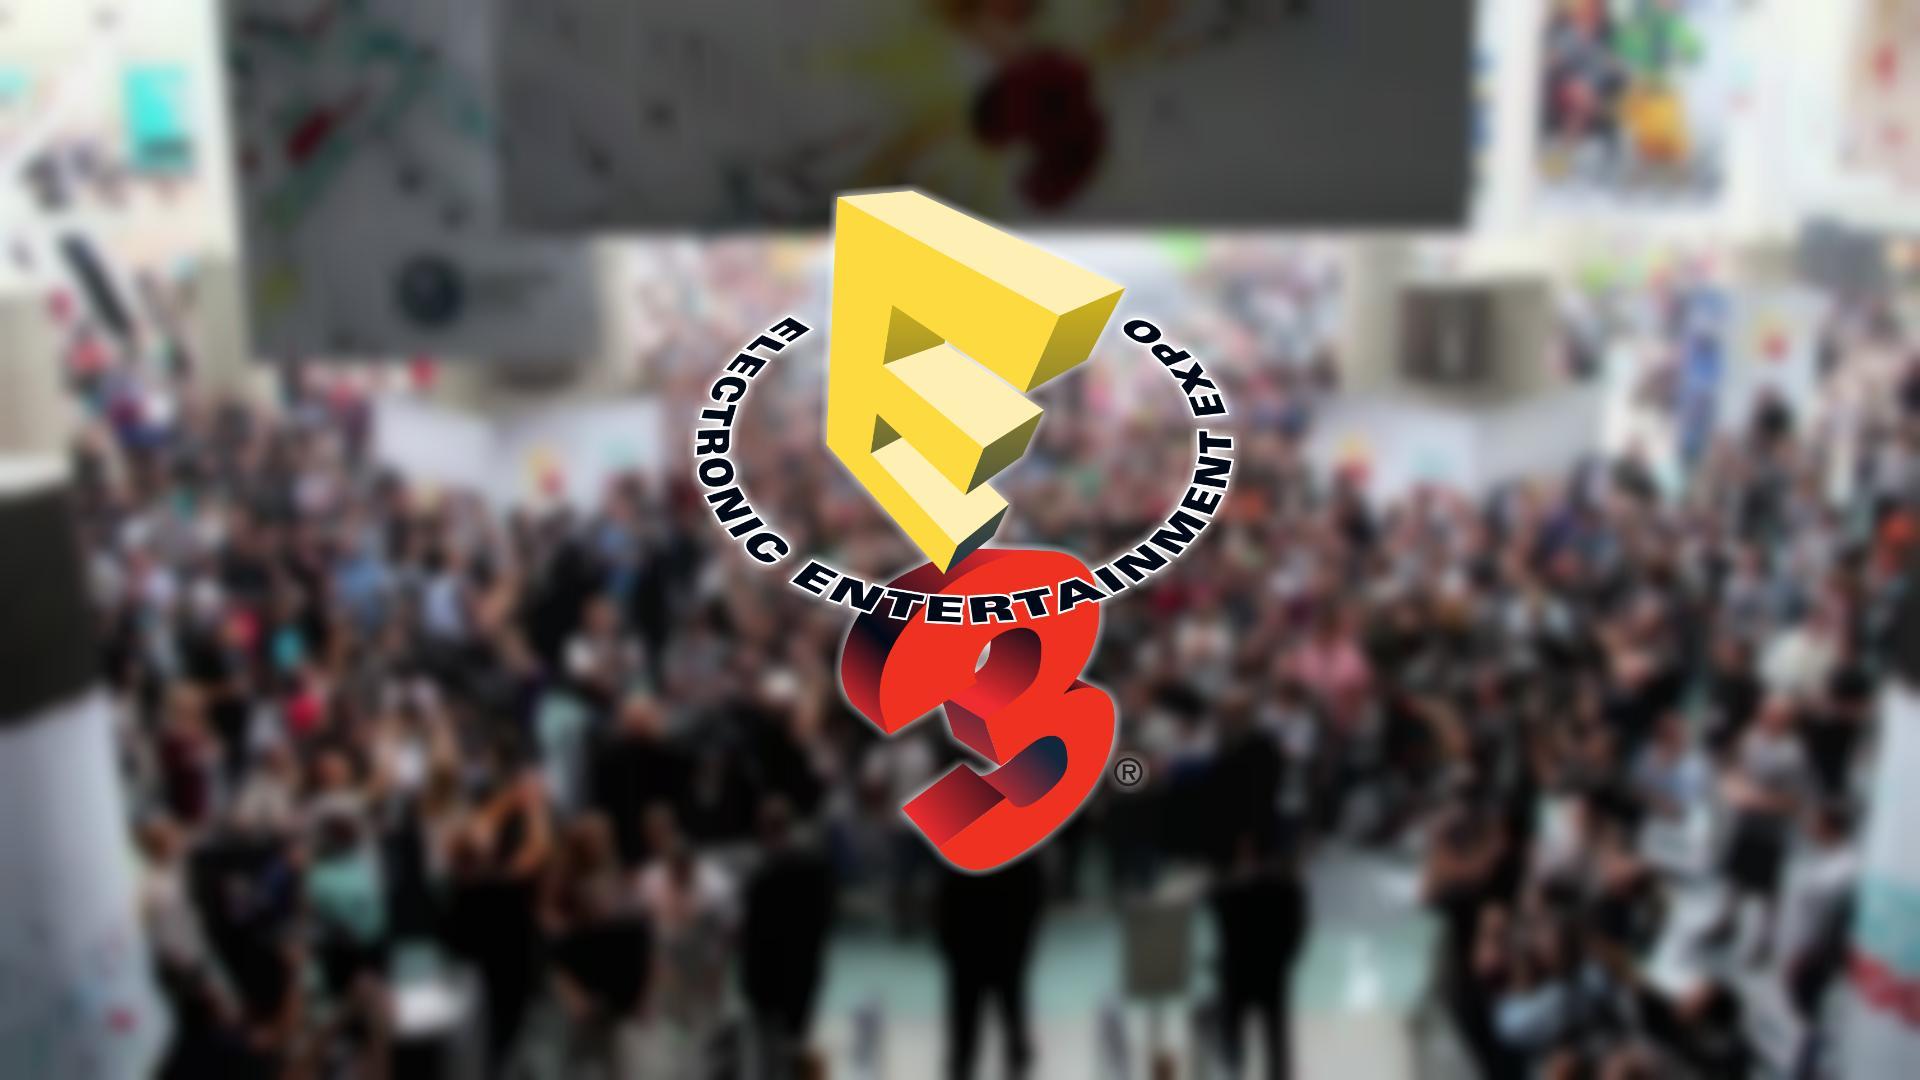 Ya no queda una sola entrada para el E3 2017